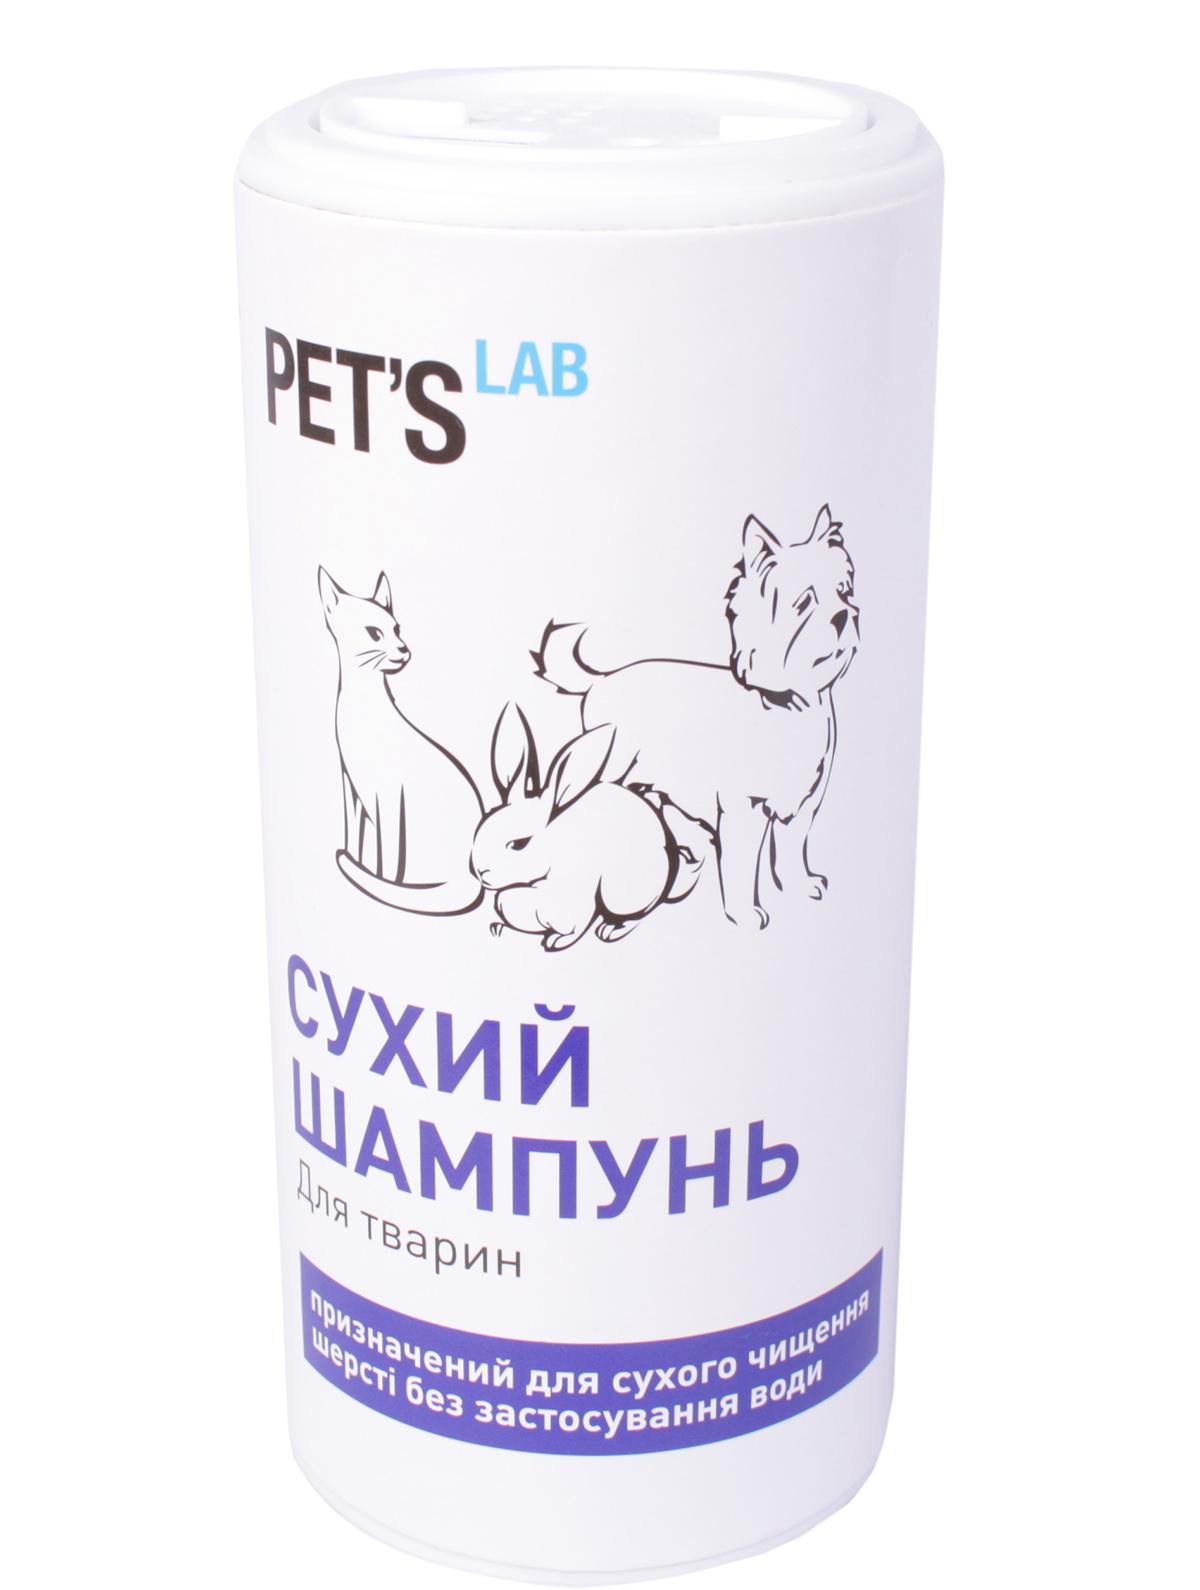 Pet's Lab – сухий шампунь для котів, собак, гризунів